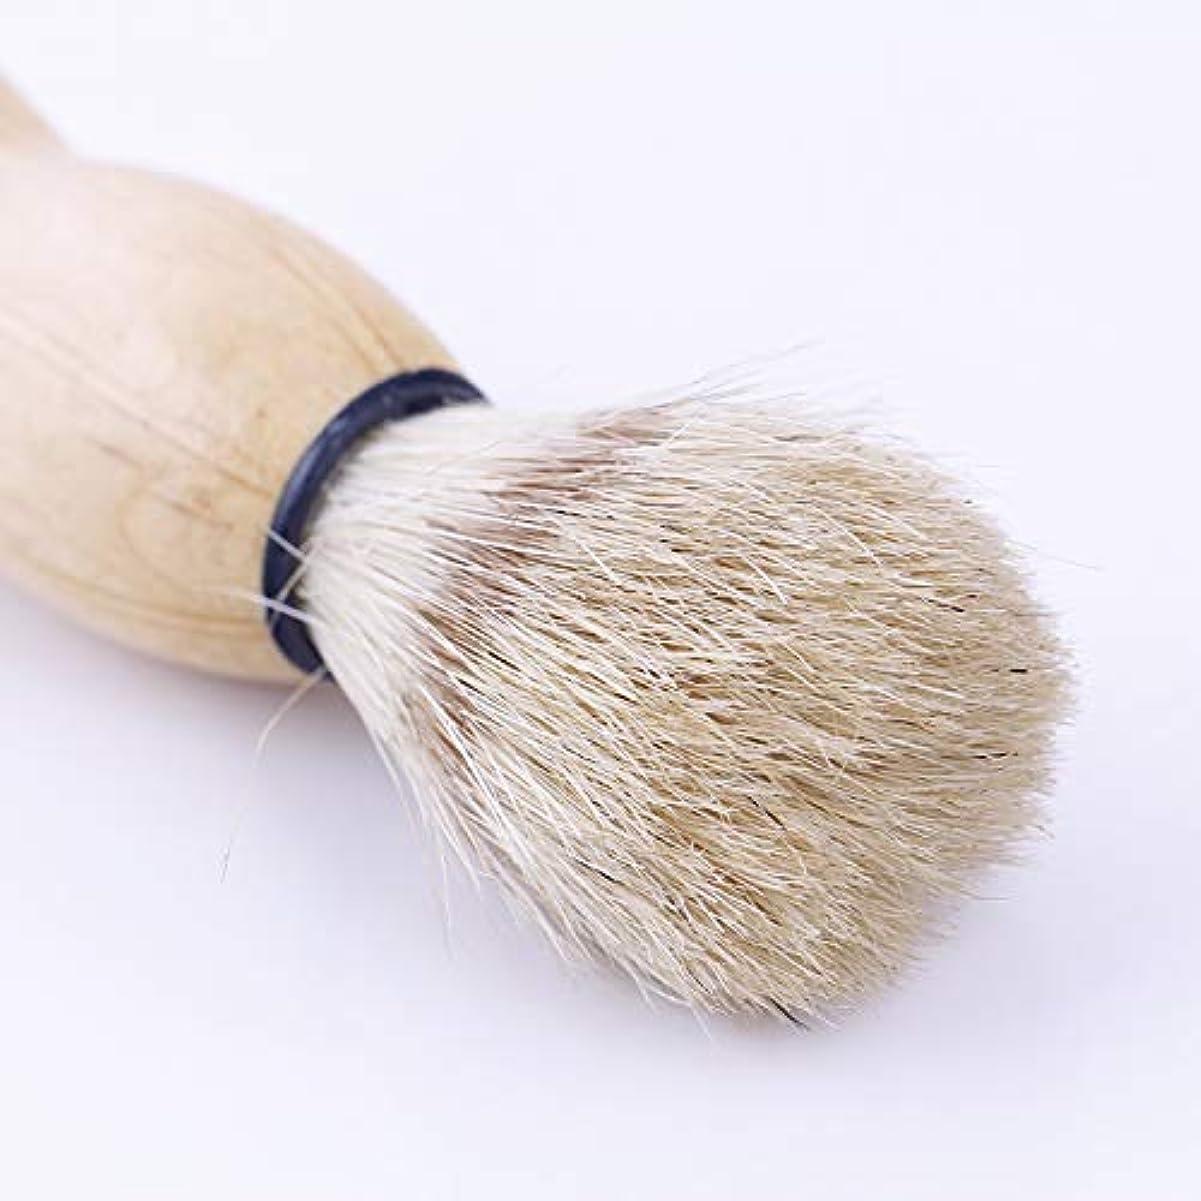 救い人道的慢なSMTHOME シェービング用ブラシ メンズ 100% ウール毛 理容 洗顔 髭剃り 泡立ち